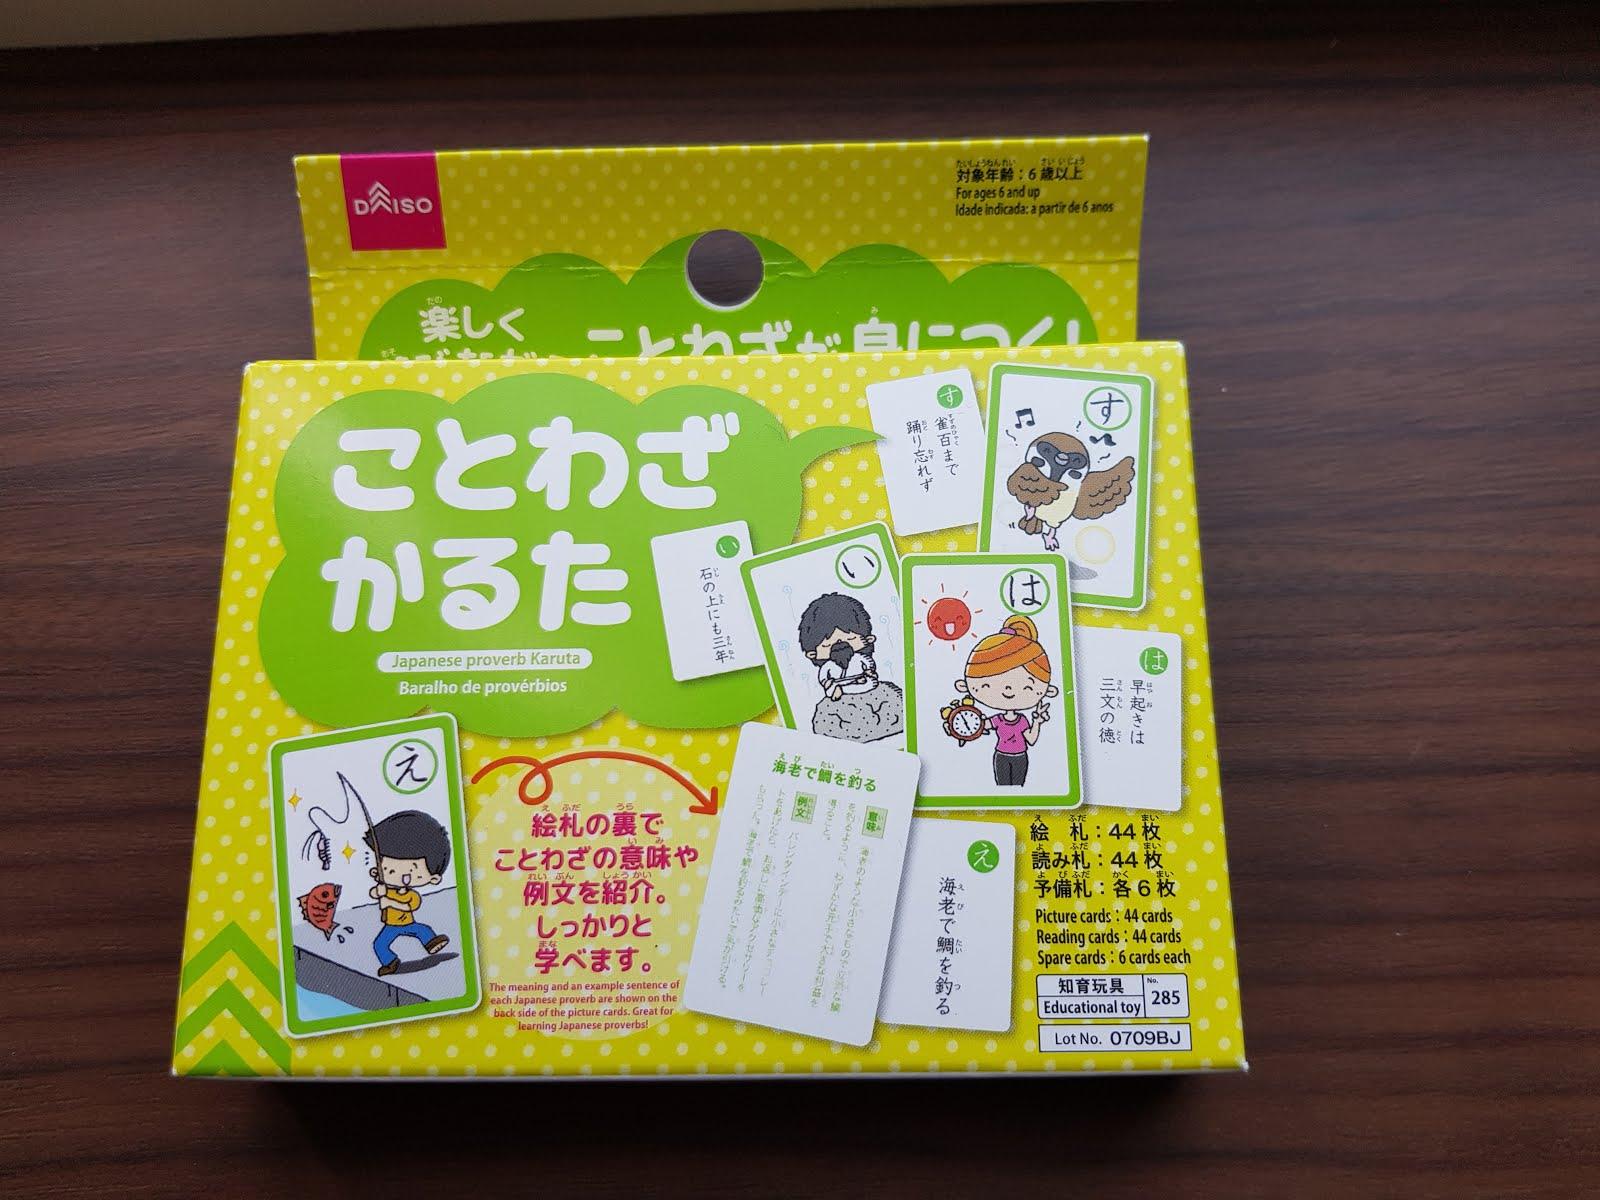 [學日文]大創(DAISO)買得到的日文學習小卡片 - 蝦米子,桃園,寫在退休第二年末 - 嫺人的好日子